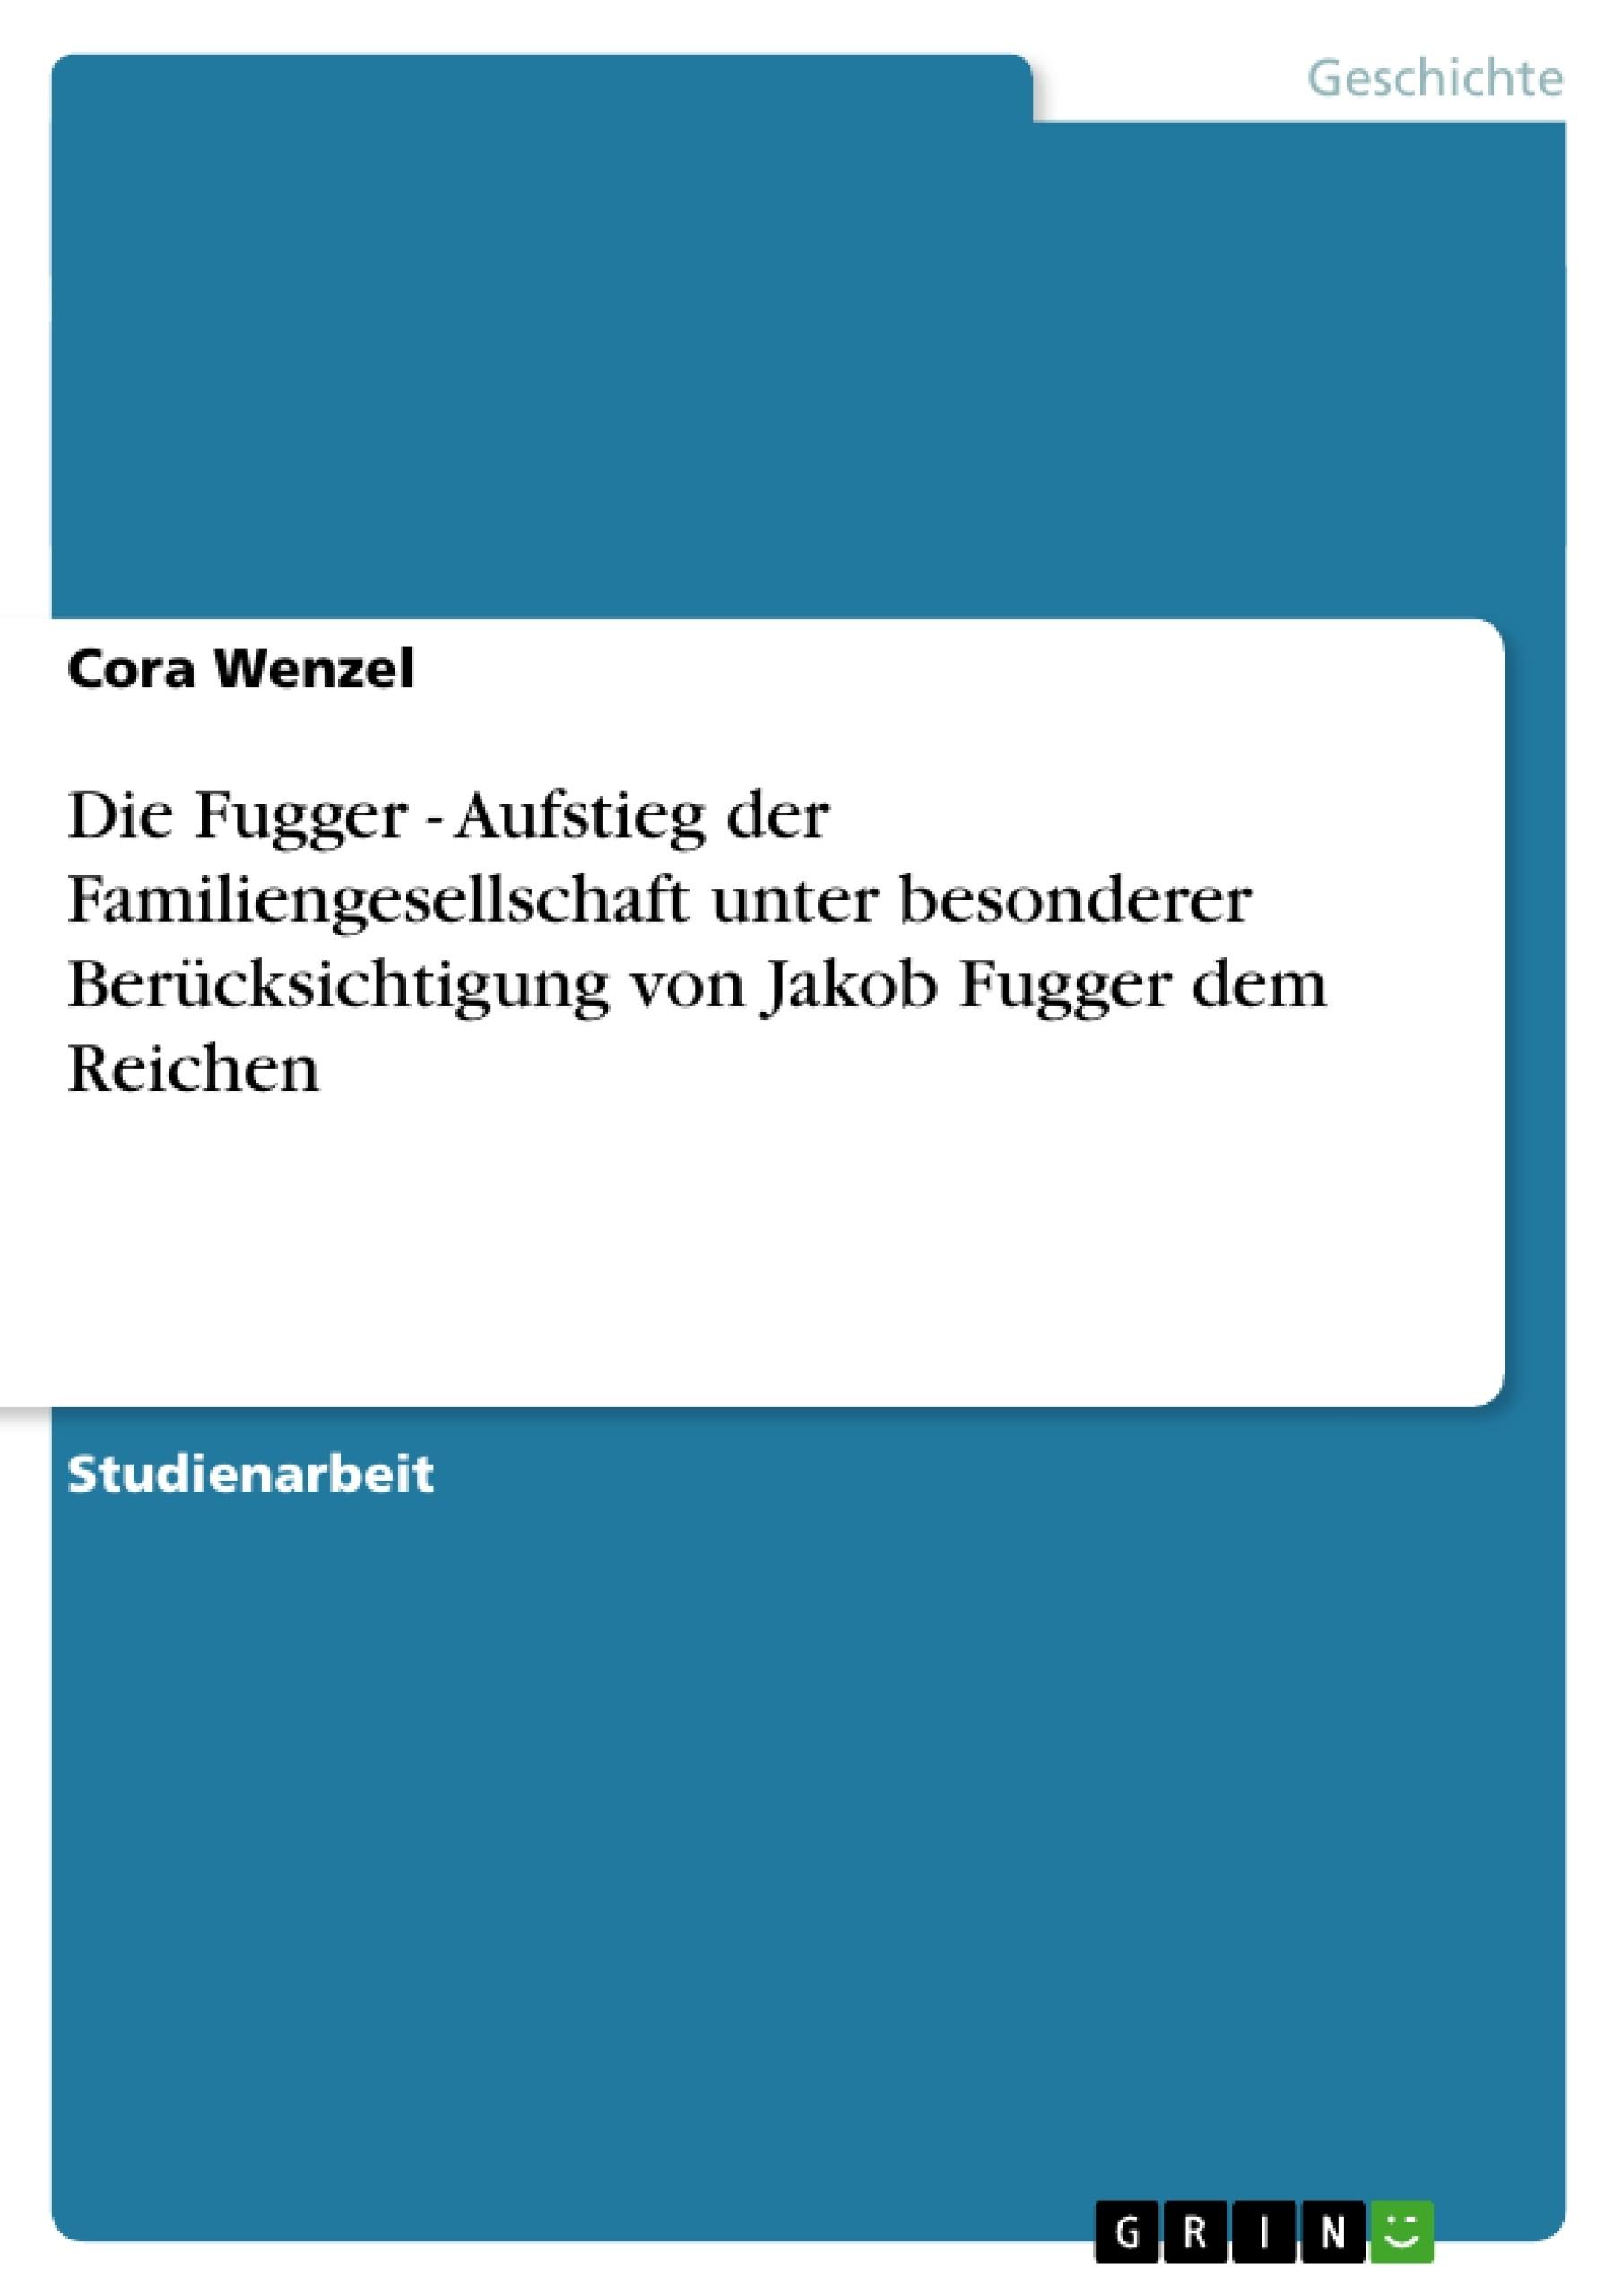 Titel: Die Fugger - Aufstieg der Familiengesellschaft unter besonderer Berücksichtigung von Jakob Fugger dem Reichen